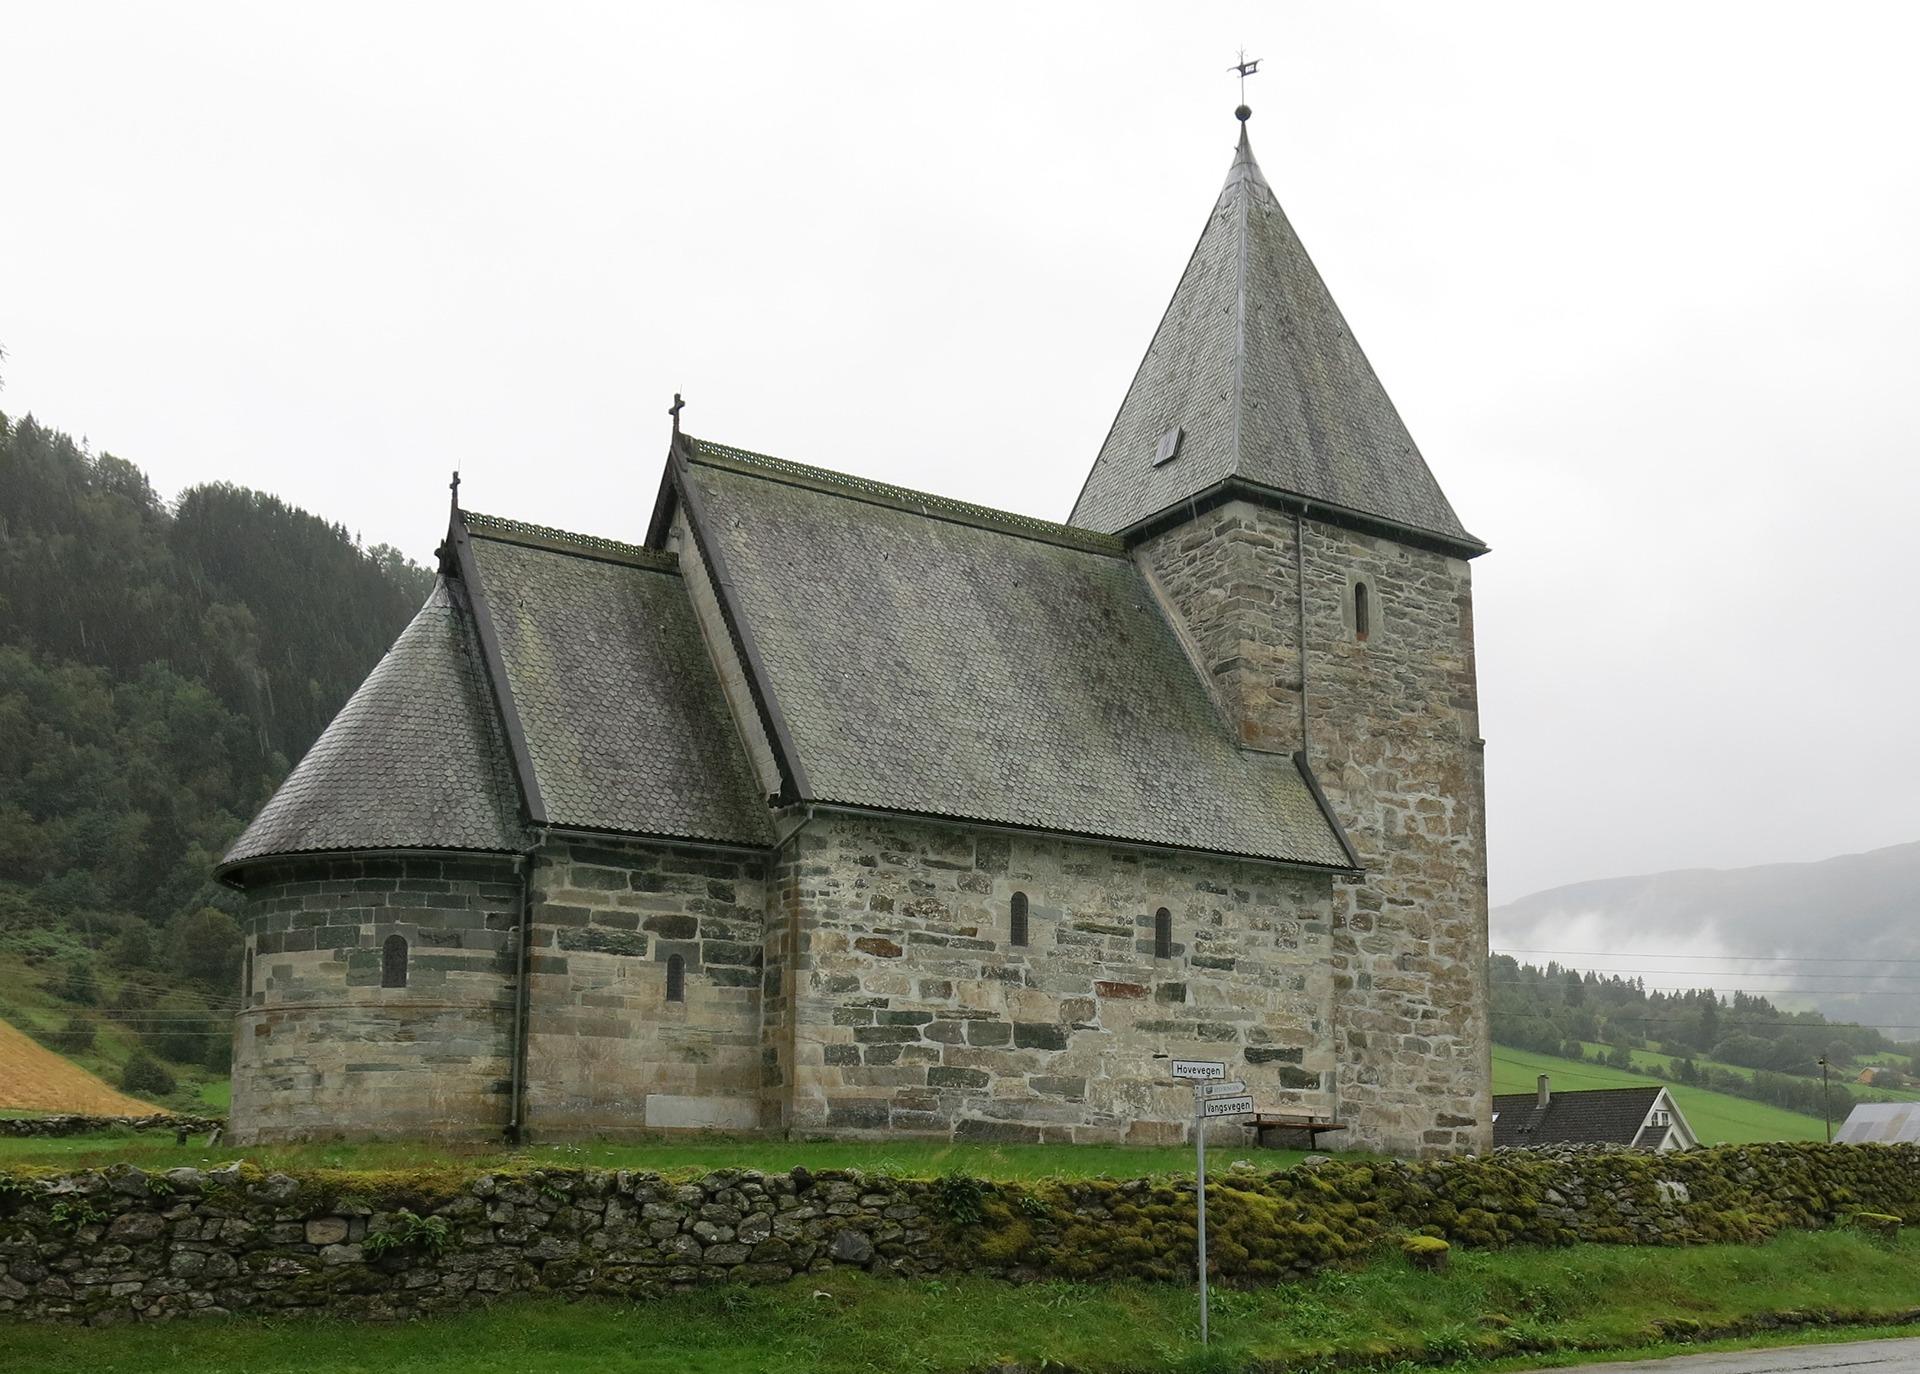 Hove kyrkje vart overrekt Fortidsminneforeningen i september. Foto: Karen Thommesen Riksantikvaren